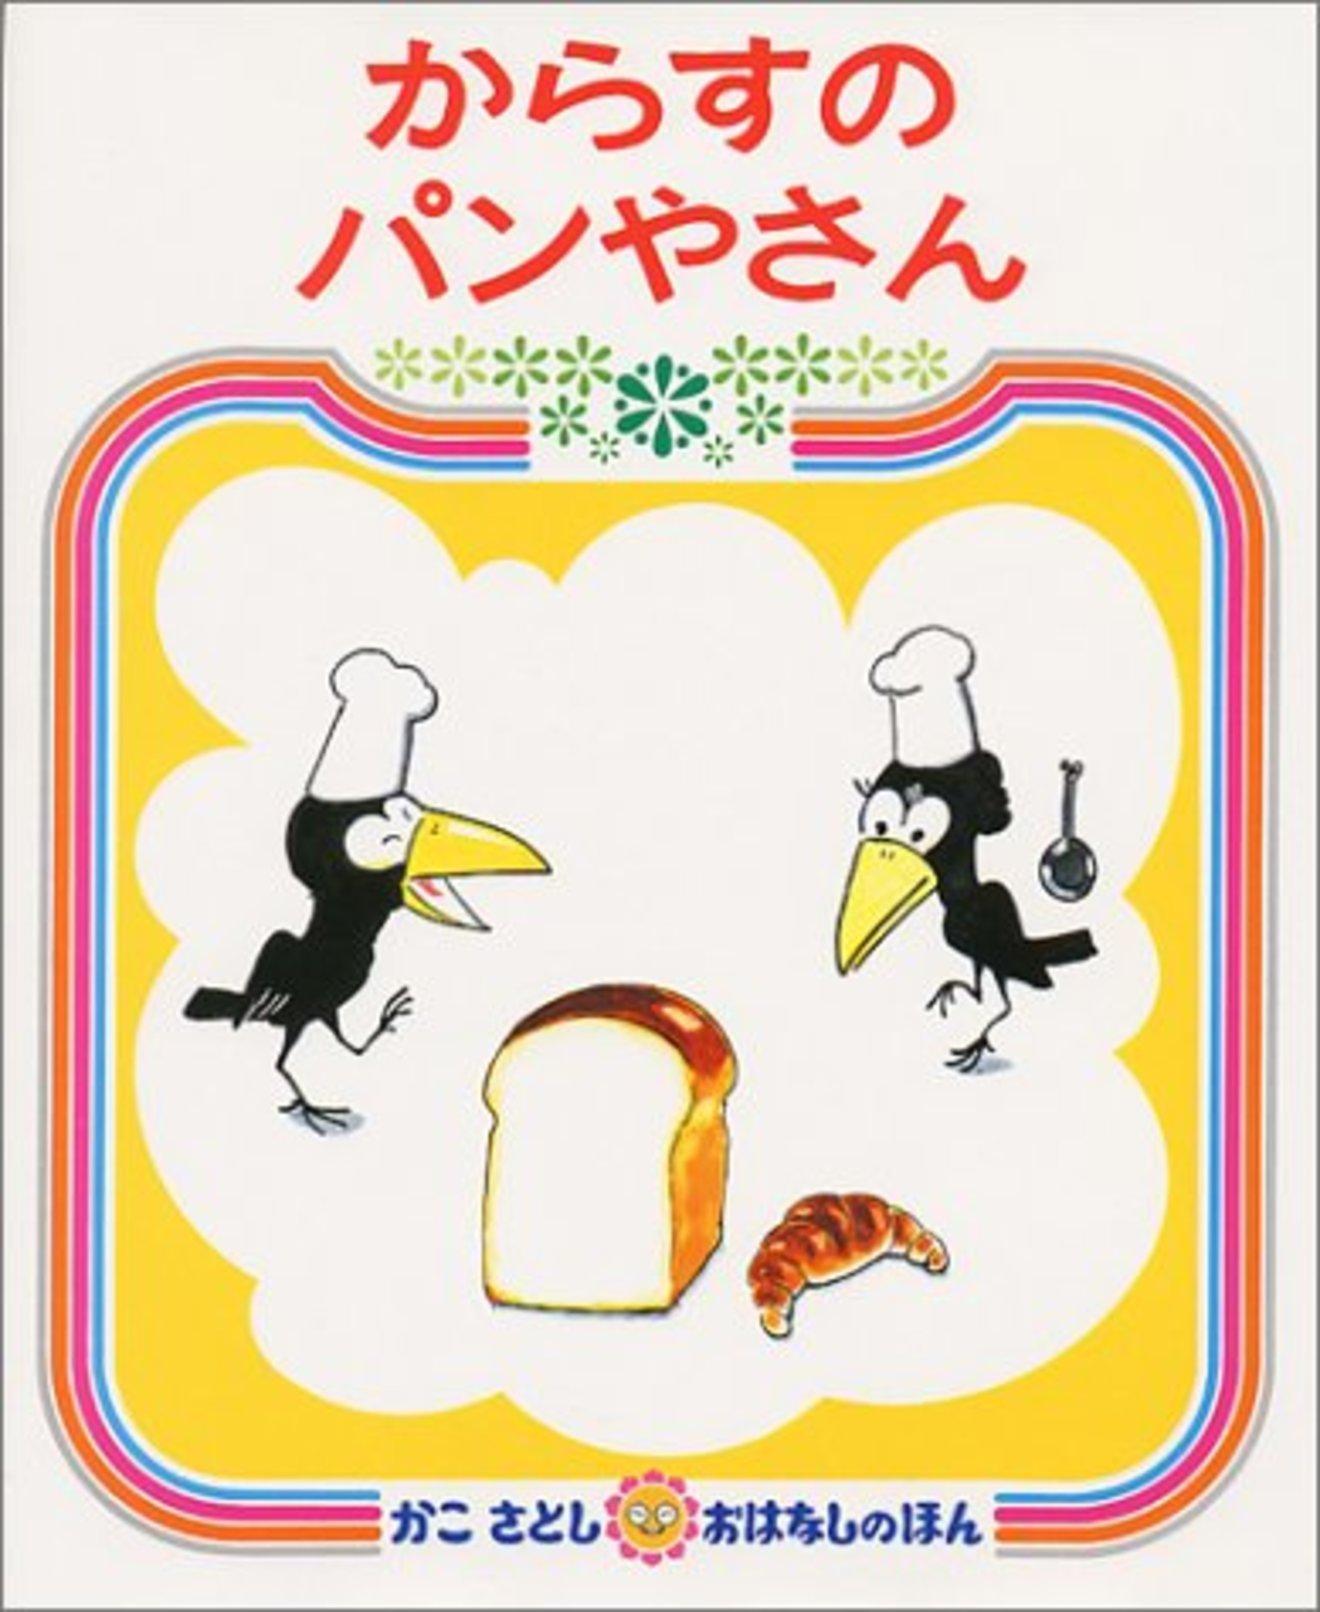 かこさとしの名作絵本『からすのパンやさん』とシリーズ作品をご紹介!